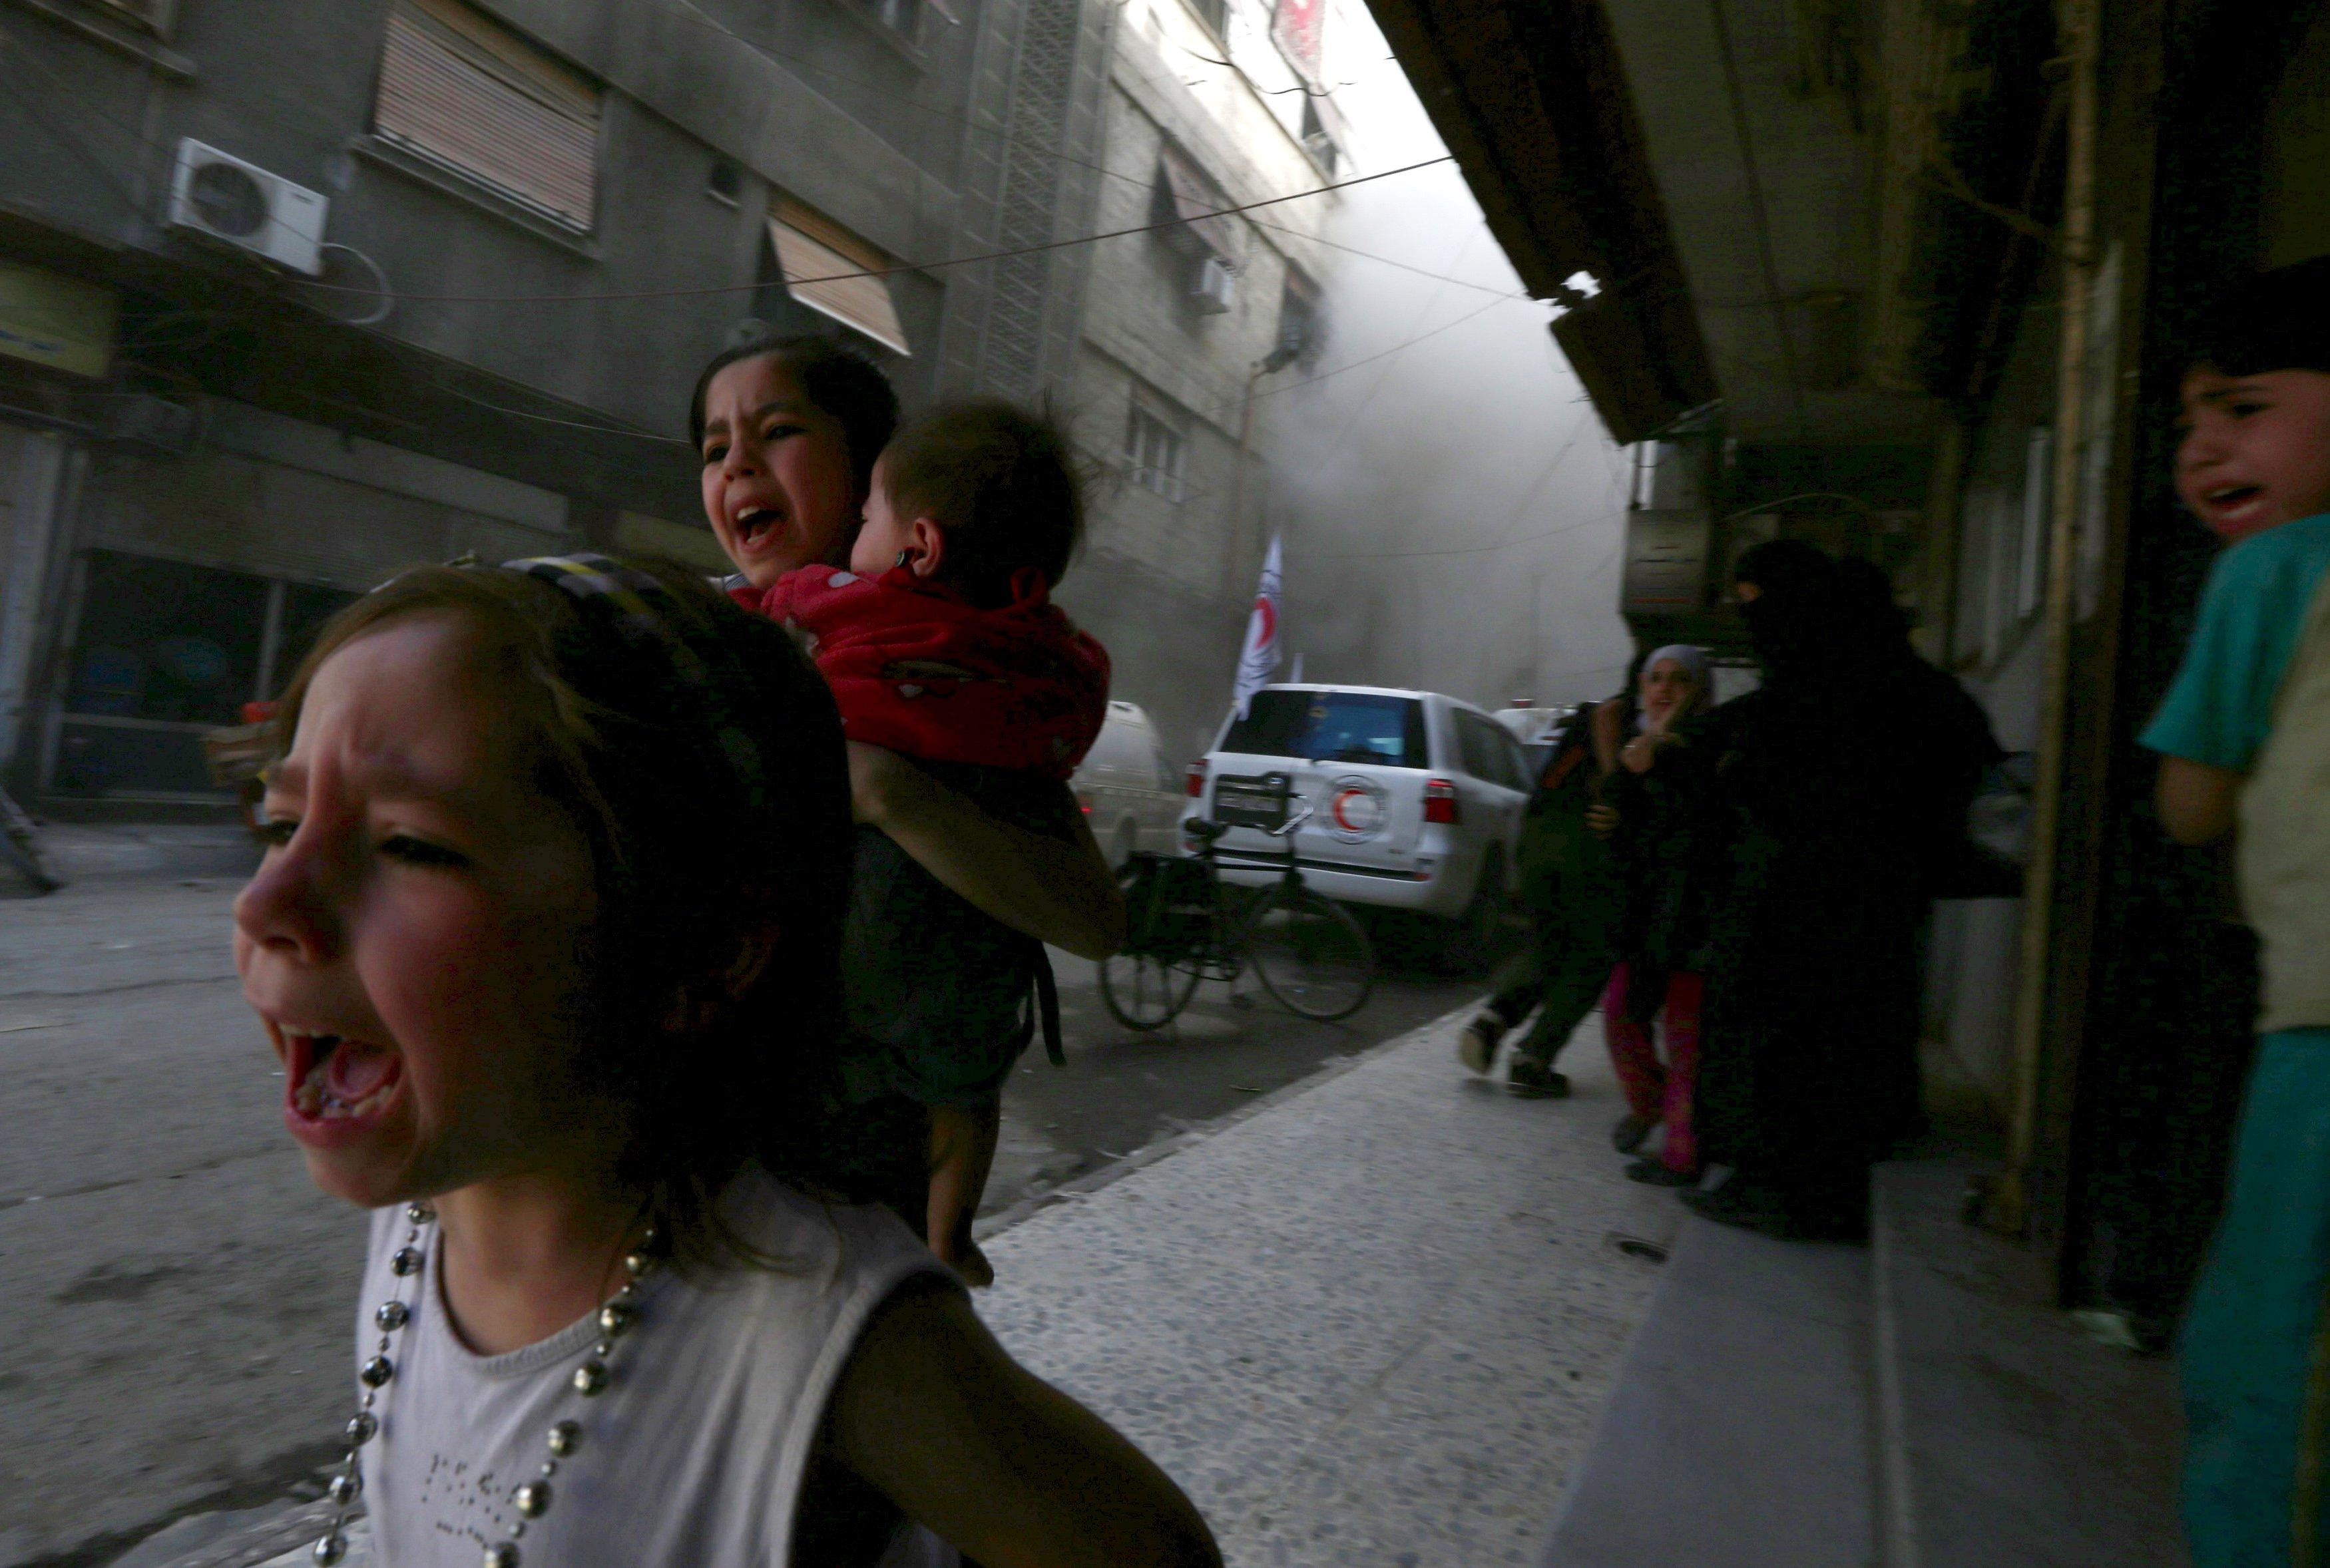 Anak-anak berteriak setelah serangan oleh pasukan yang loyal terhadap Presiden Suriah Bashar al-Assad di dekat pusat Bulan Sabit Merah Arab Suriah di Douma, Damascus, Suriah, Rabu (6/5). Serangan tersebut terjadi ketika konvoi Bulan Sabit Merah Arab mengirimkan bantuan medis ke kantor mereka di Douma, kata para aktivis. ANTARA FOTO/REUTERS/Bassam Khabieh.